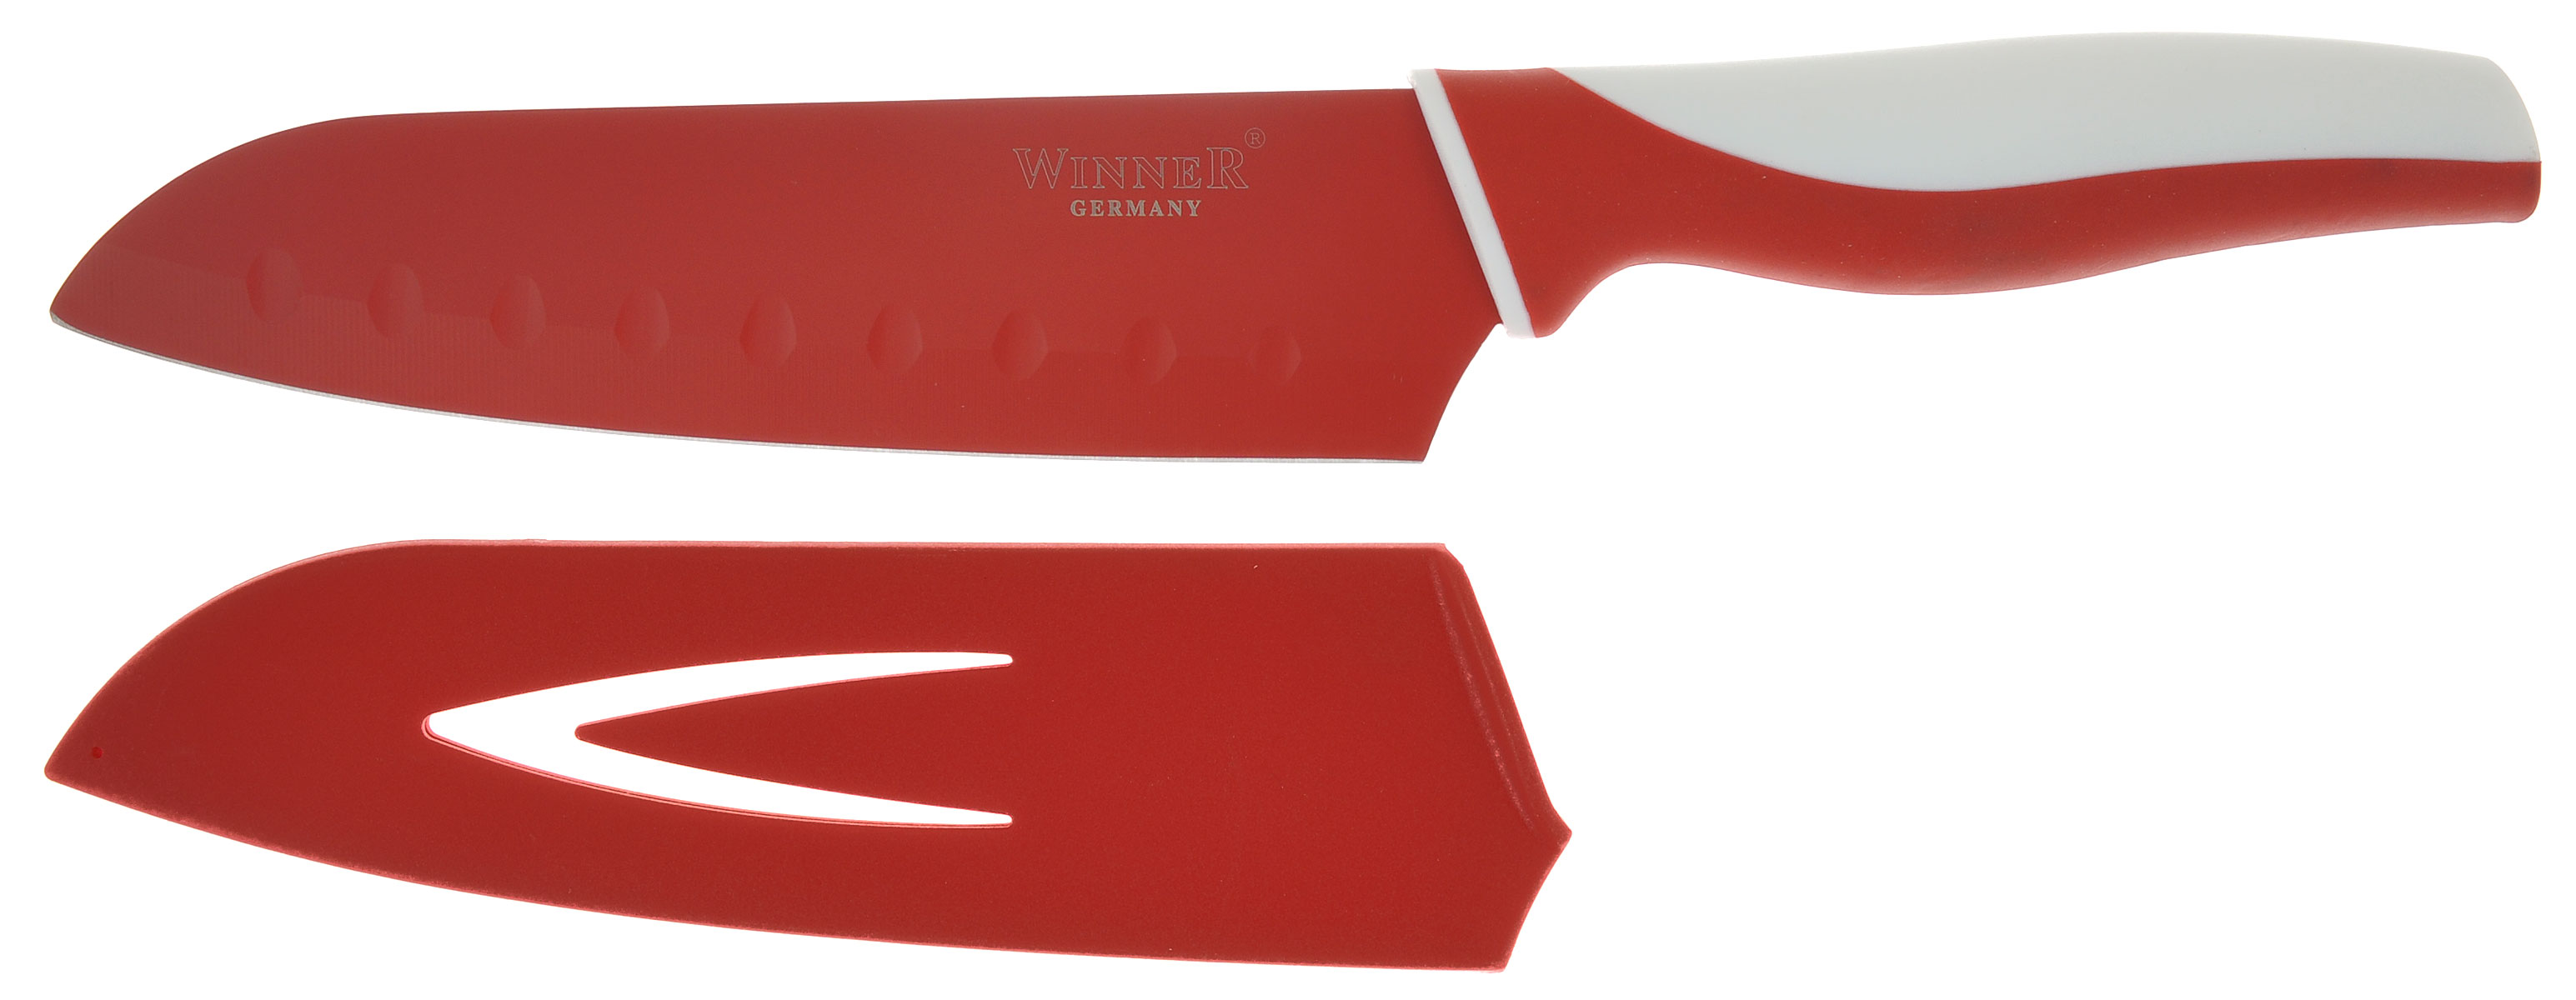 Нож поварской Winner, цвет: белый, красный, длина лезвия 17 смWR-7211_белый, красныйПоварской нож Winner выполнен из высококачественной нержавеющей стали с цветным полимерным покрытием Xynflon, предотвращающим прилипание продуктов. Очень удобная и эргономичная ручка выполнена из прорезиненного пластика с антибактериальным покрытием Zeomic.Нож используется для измельчения продуктов. Также применяется для отделения костей в птице или рыбе. Нож помогает поддерживать идеальную гигиену на кухне. Zeomic обеспечивает постоянную противомикробную защиту, позволят сохранить нож в чистоте в течение длительного периода времени после мытья, подавляет бактерии, которые способствуют появлению загрязнения и неприятного запаха, гнили и плесени в течение всего времени использования изделия. Поварской нож Winner предоставит вам все необходимые возможности в успешном приготовлении пищи и порадует вас своими результатами.К ножу прилагаются пластиковые ножны. Общая длина ножа: 29,5 см. Длина лезвия: 17 см. Толщина лезвия: 1,2 мм.